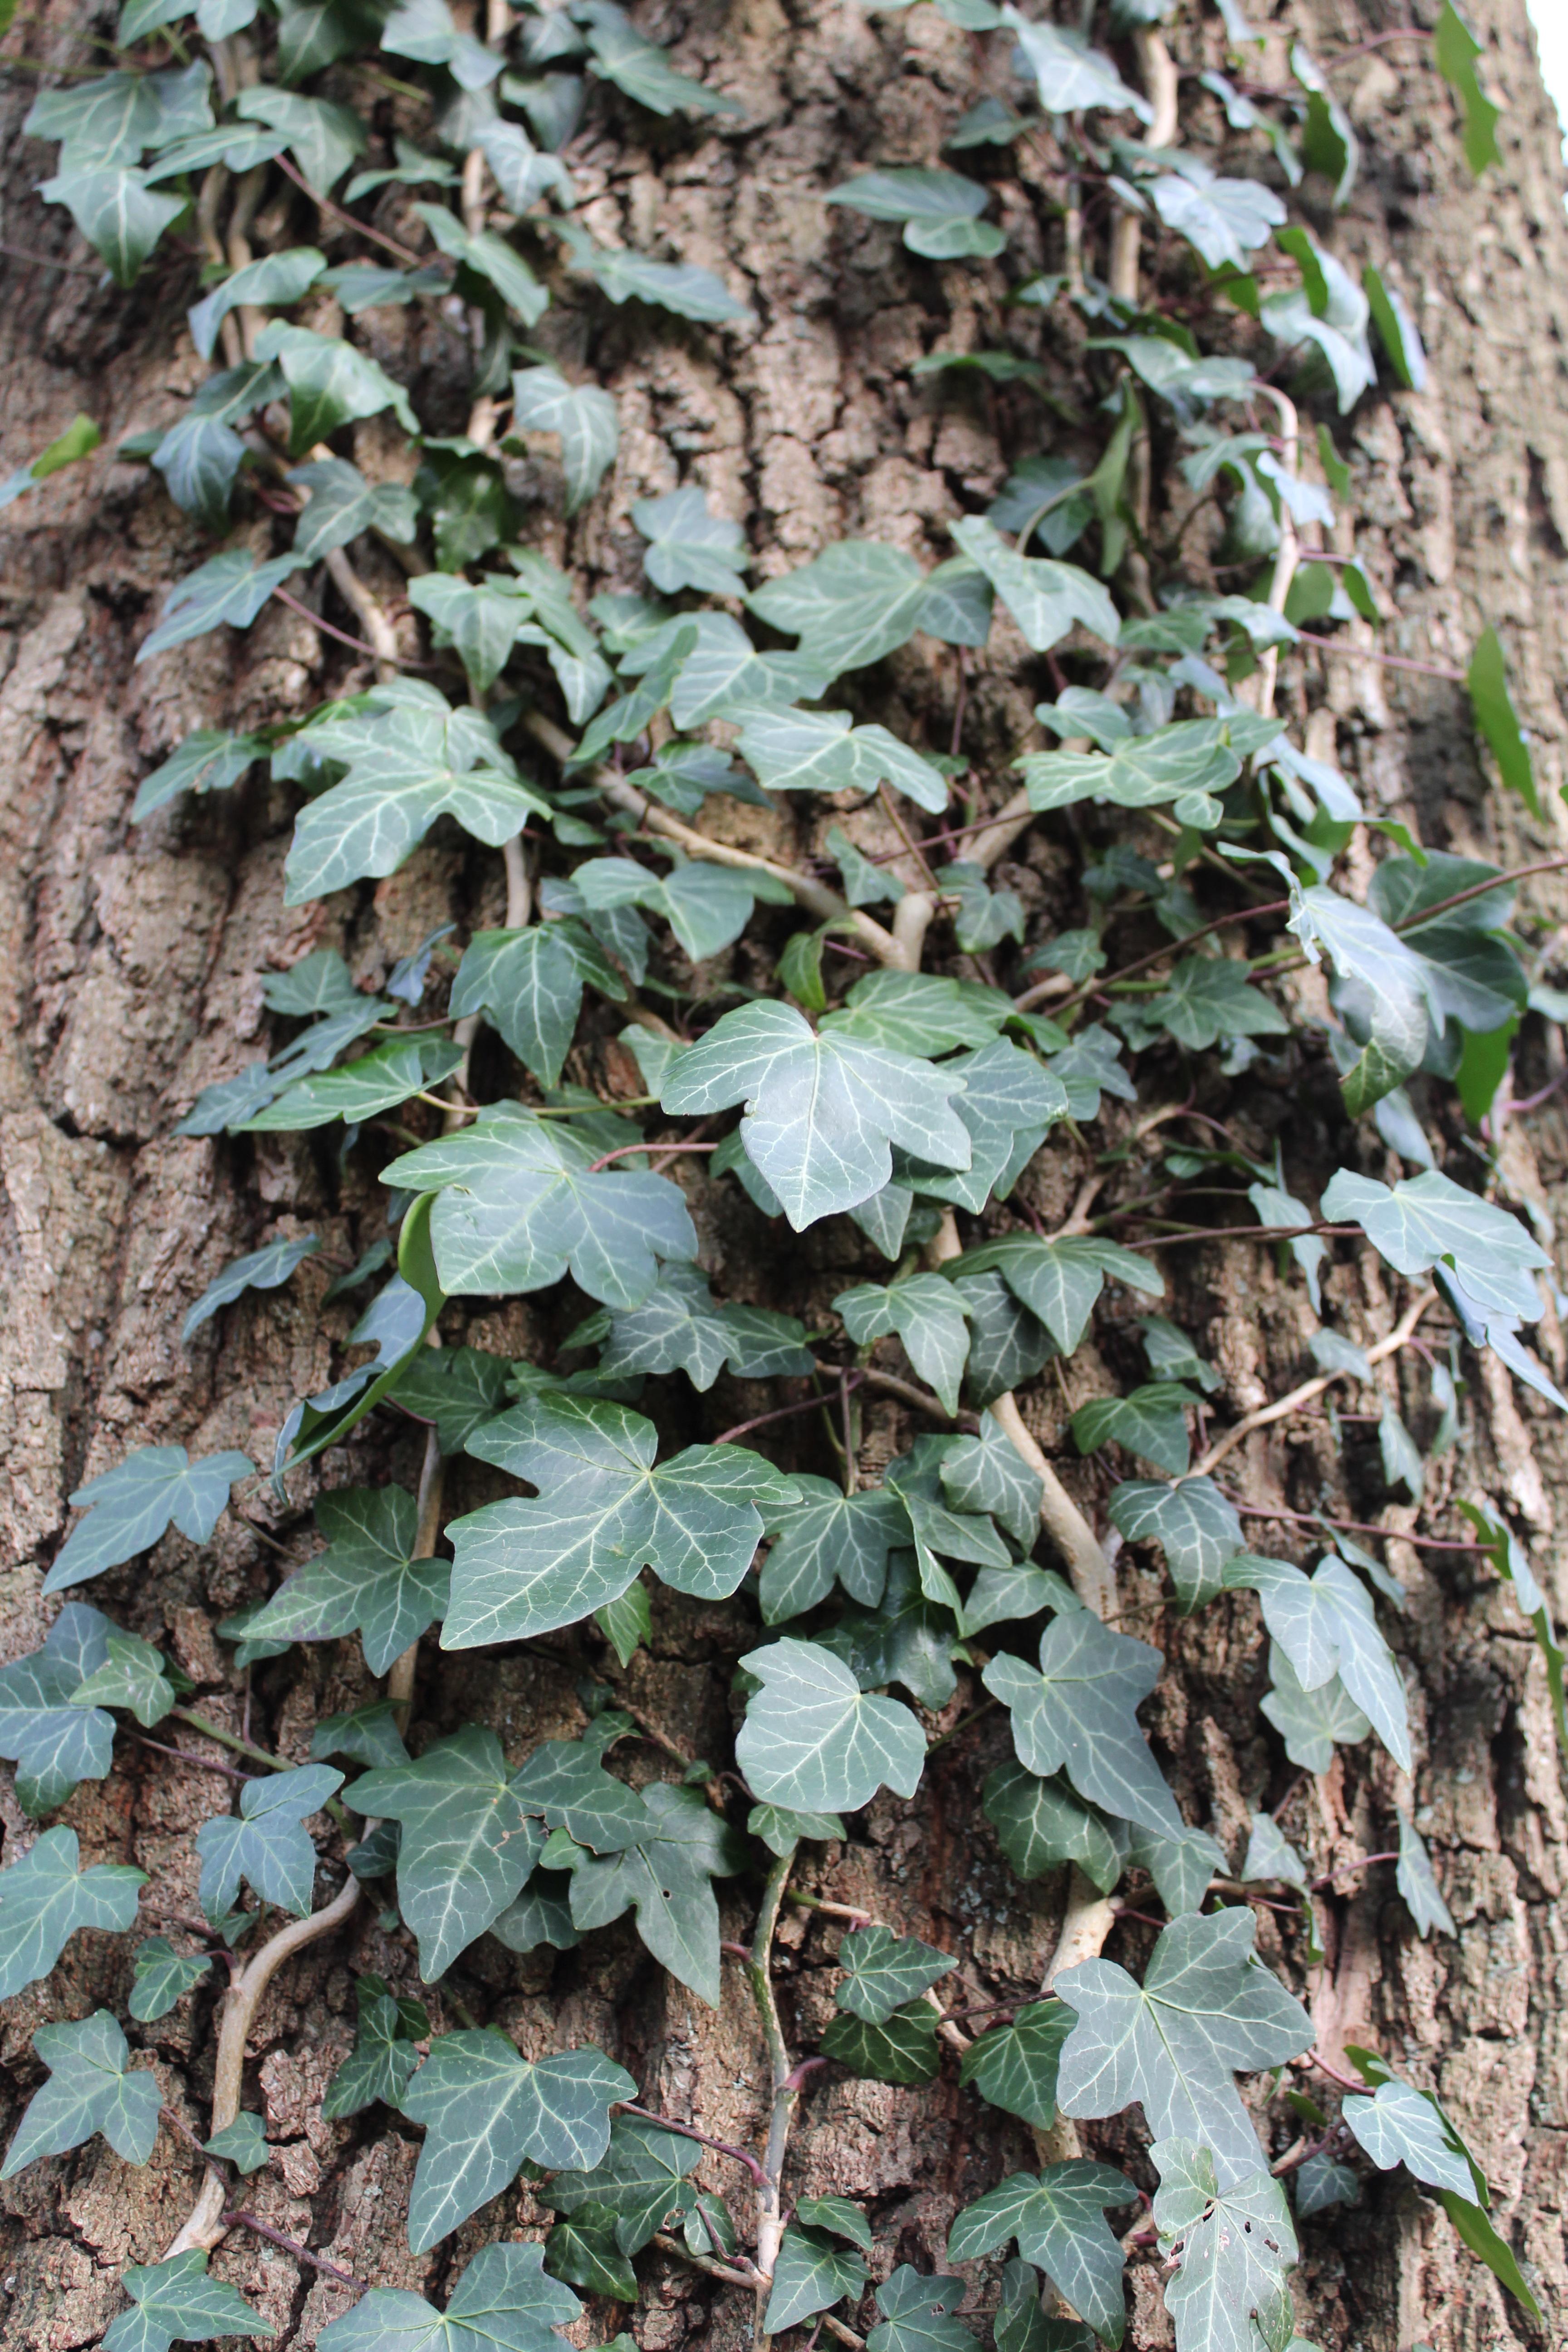 free images nature leaf flower log herb produce ivy